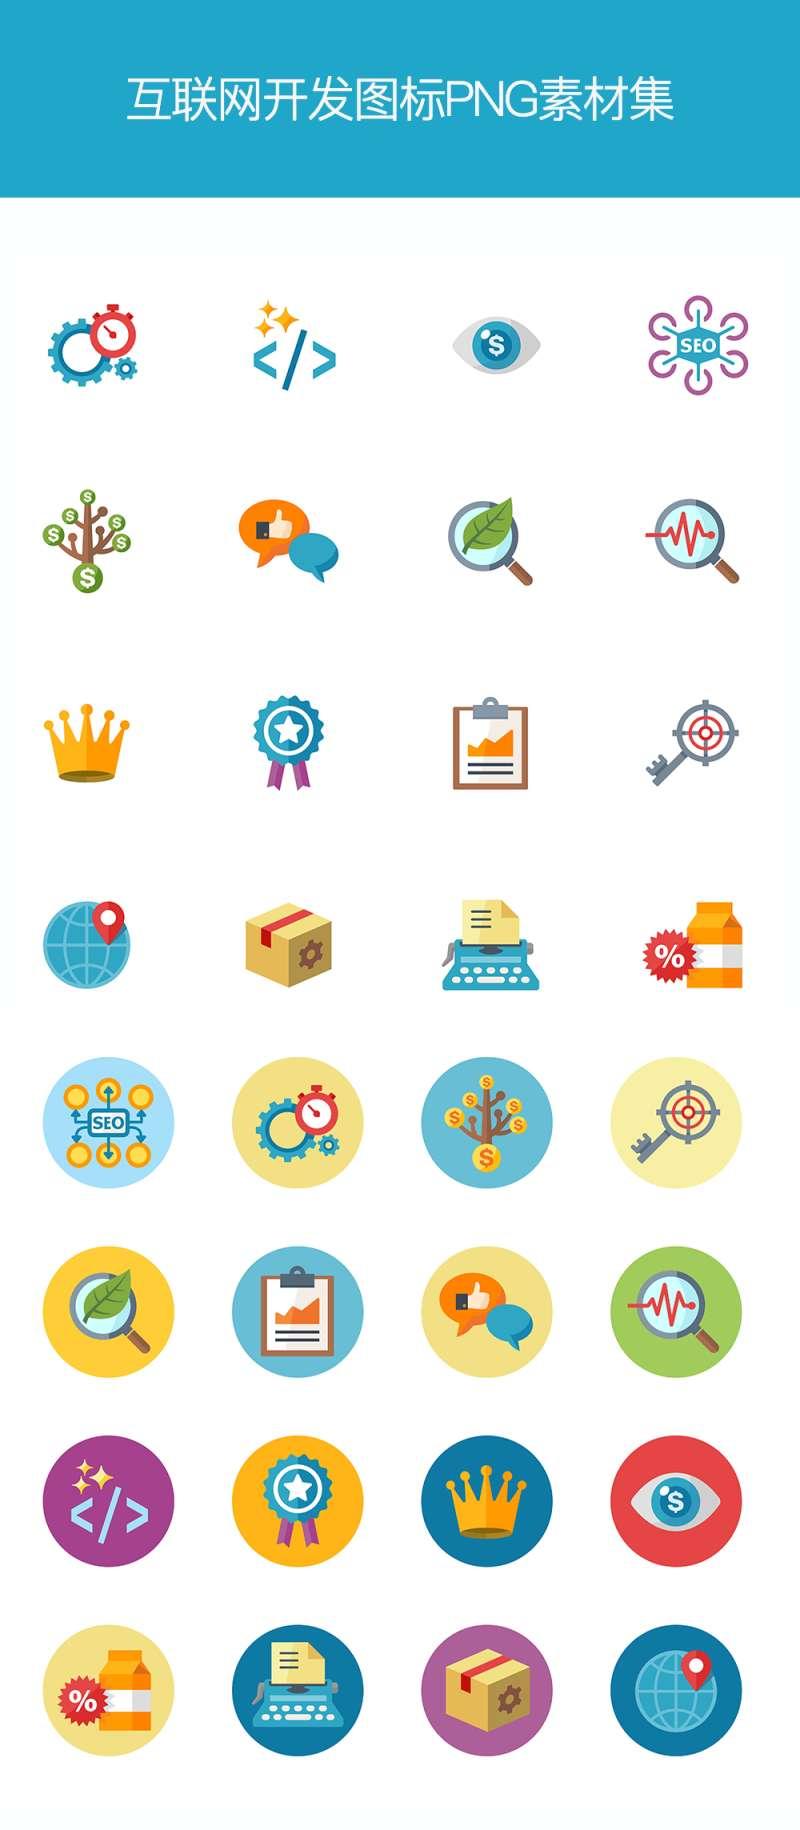 精美的seo網絡營銷圖標素材